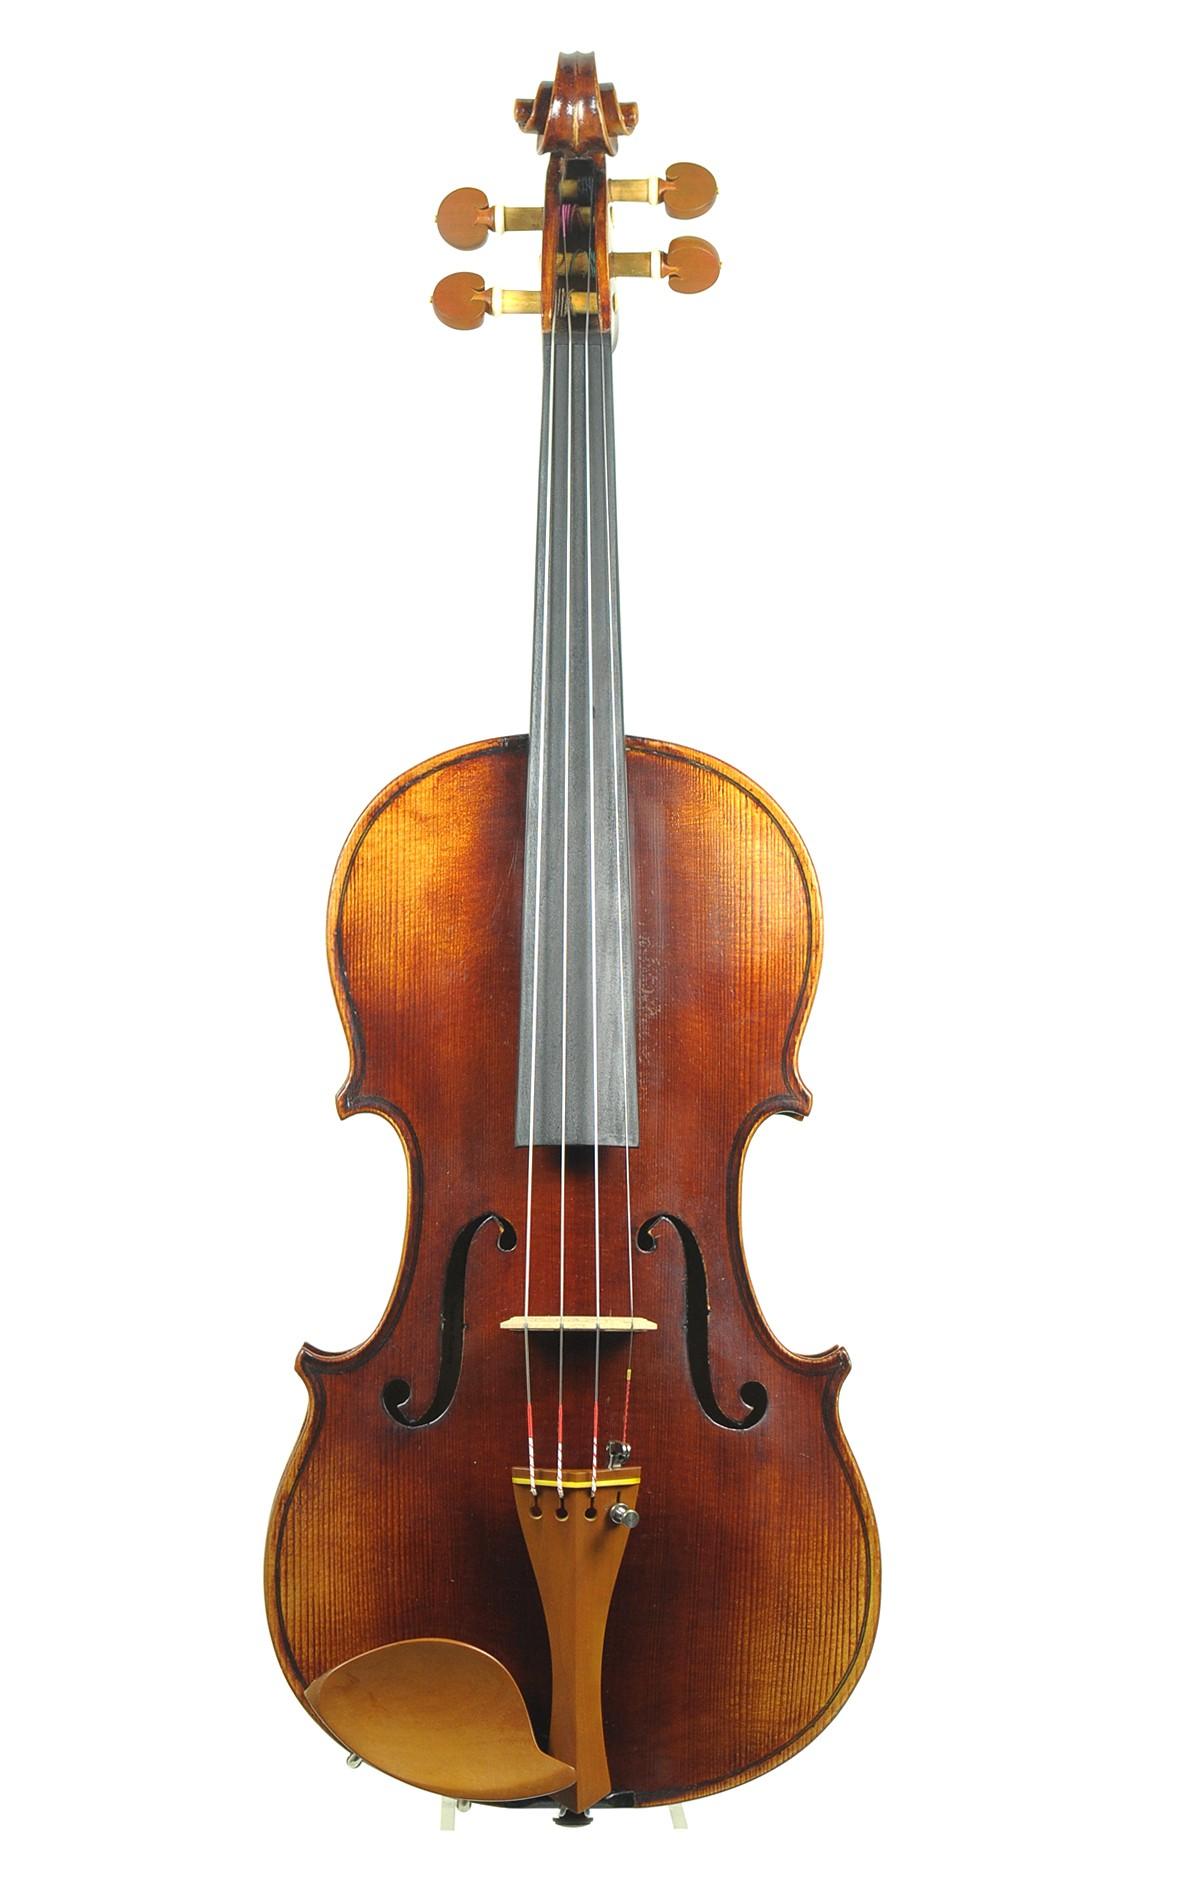 Geige von Karl Höfner, um 1960 - Decke